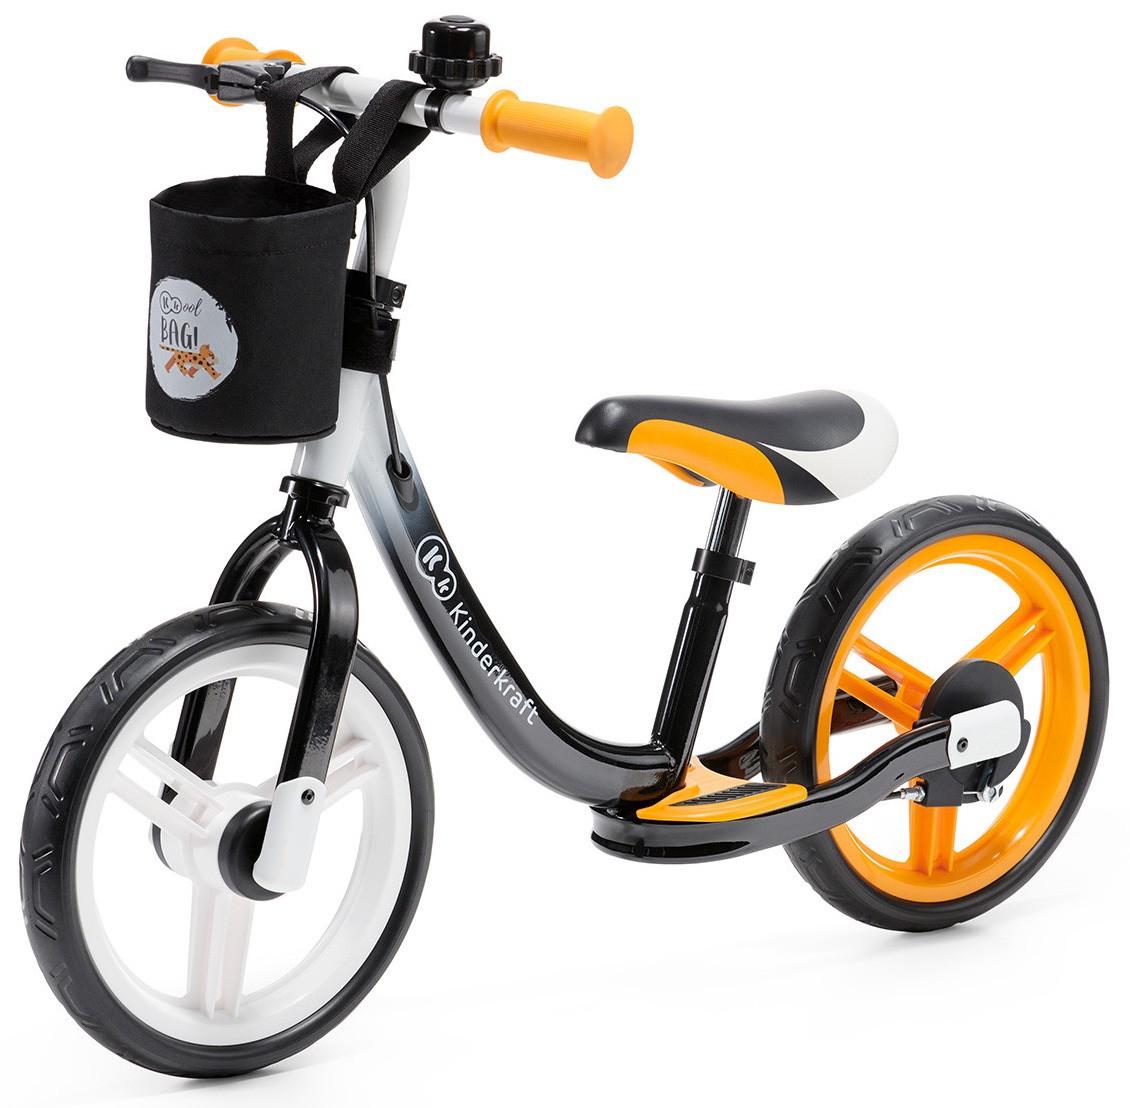 Bici Senza Pedali Space Orange